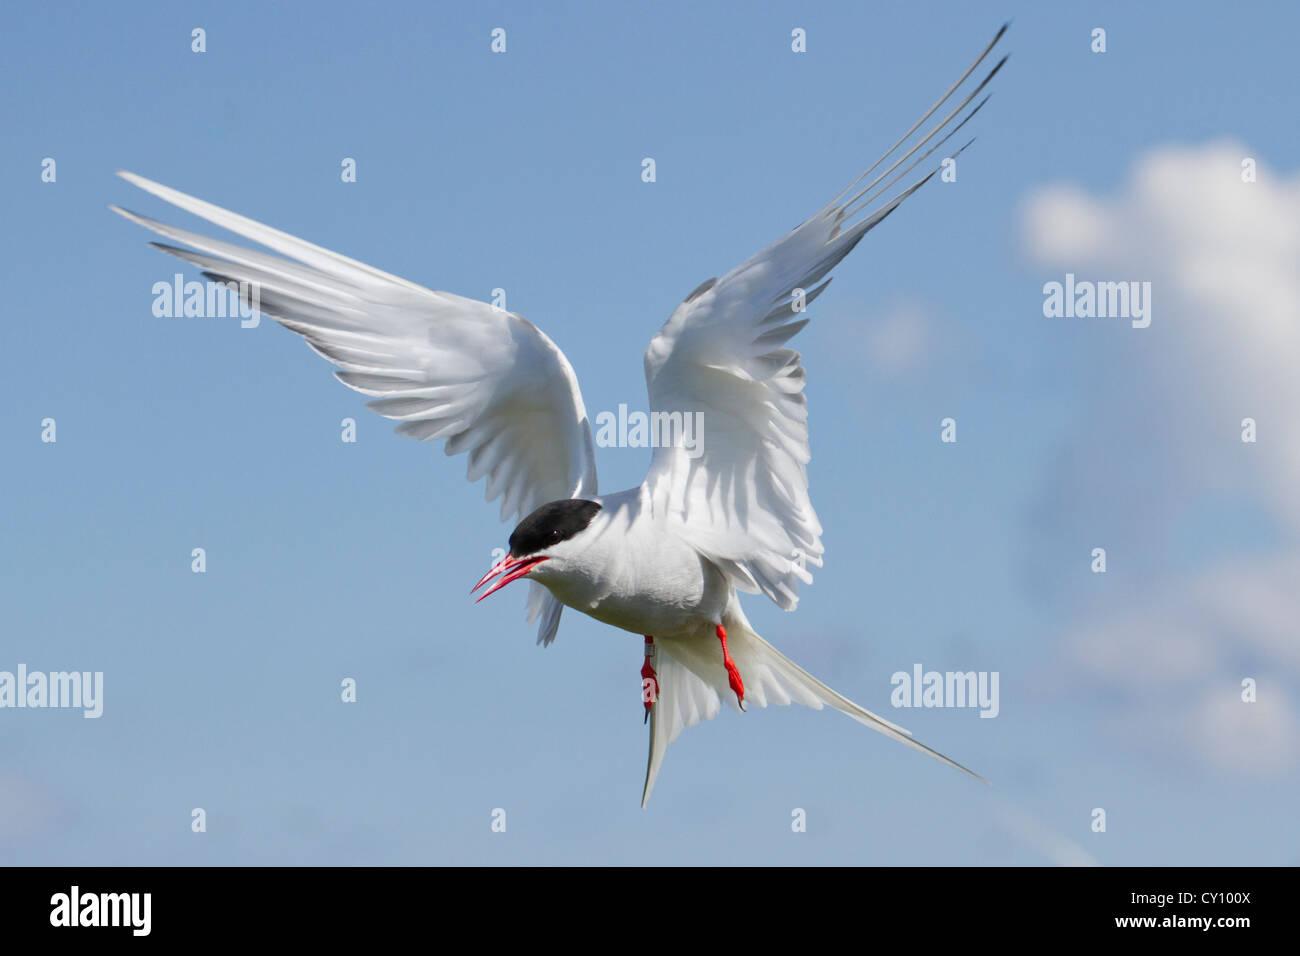 Tern in flight on Inner Farne Island. - Stock Image